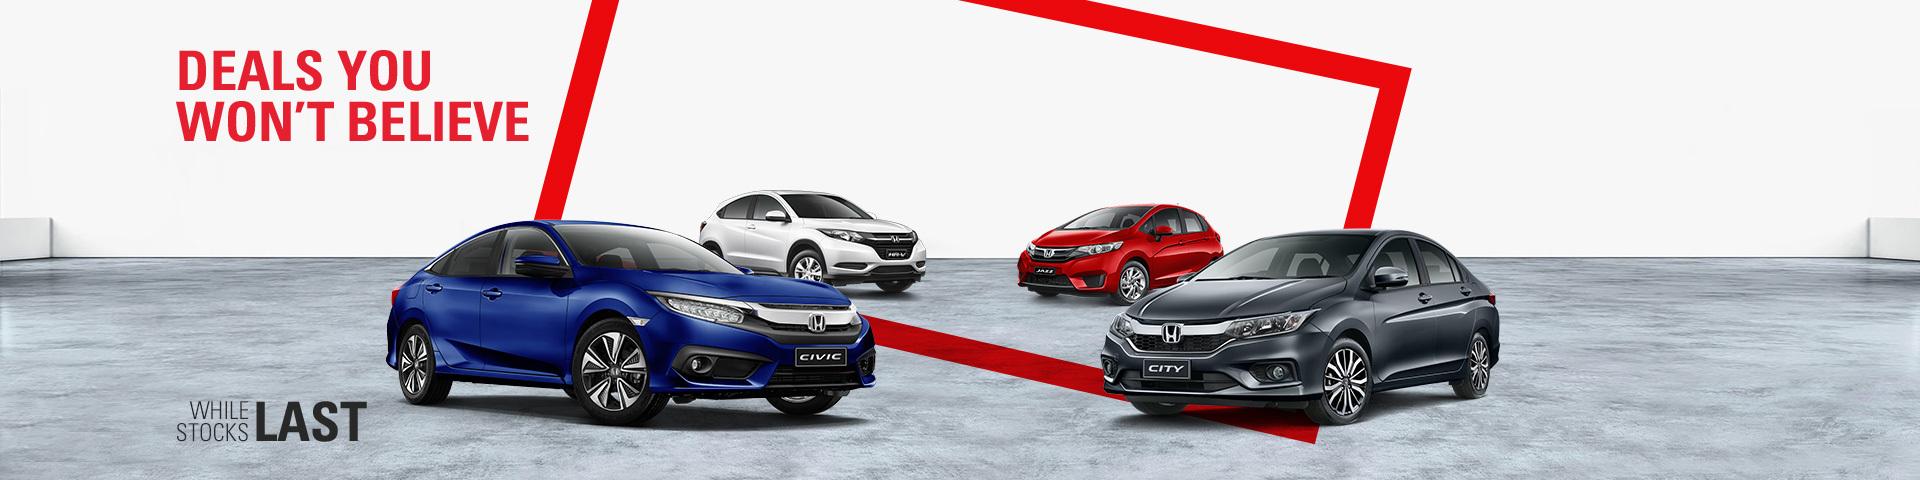 Honda - National Offer - Deals You Won't Believe